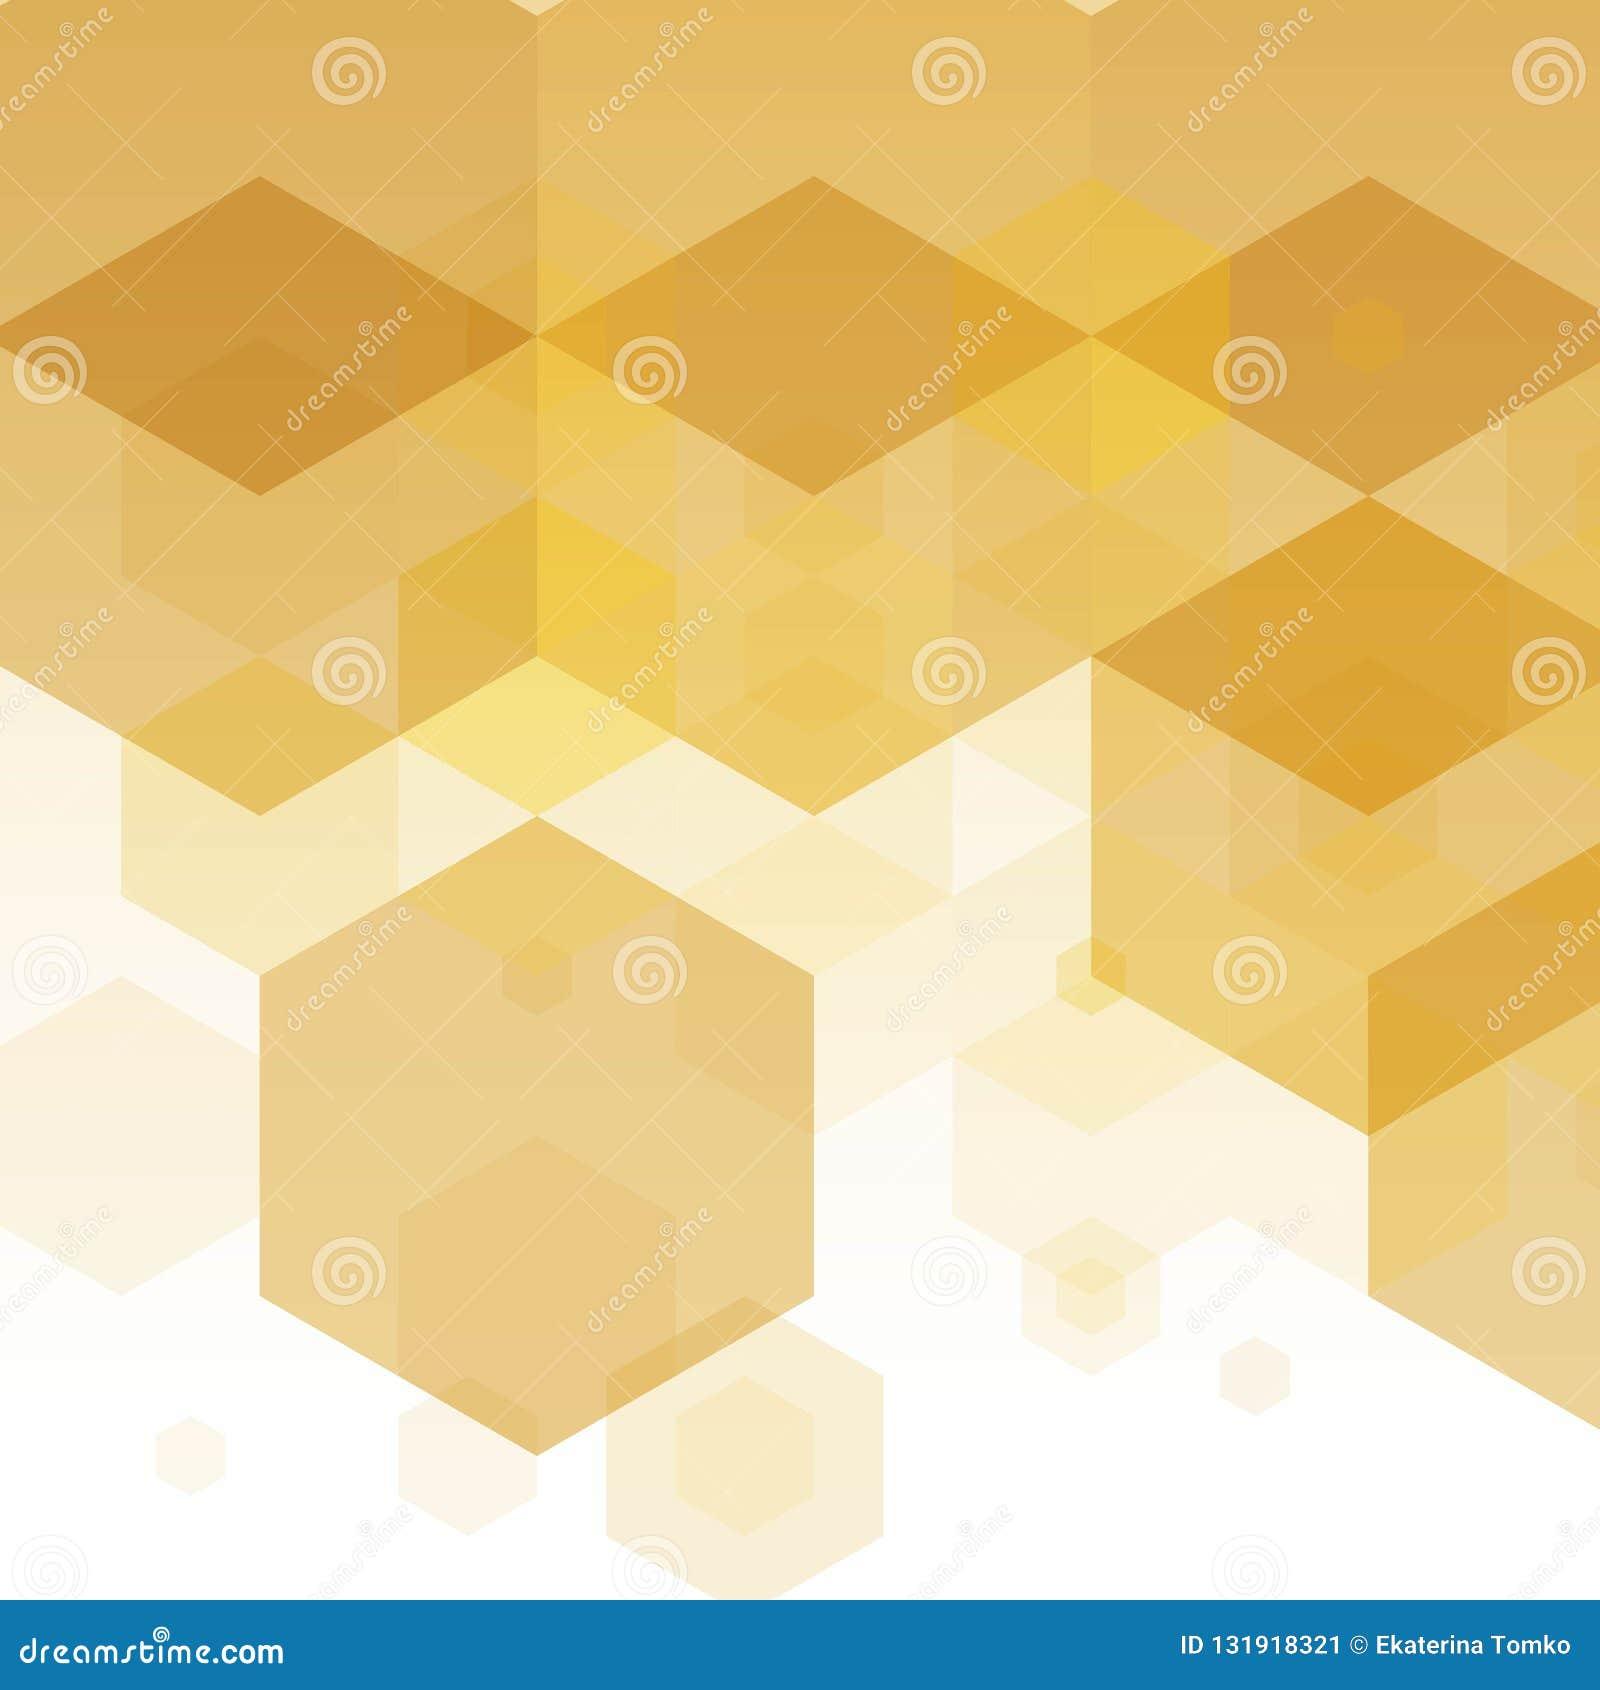 Σχεδιάγραμμα για τη διαφήμιση, πρότυπο για το εμπορικό σήμα Ιδέα για την επιχείρηση, σχέδιο, διακόσμηση Χρυσές, κίτρινες, καφετιέ